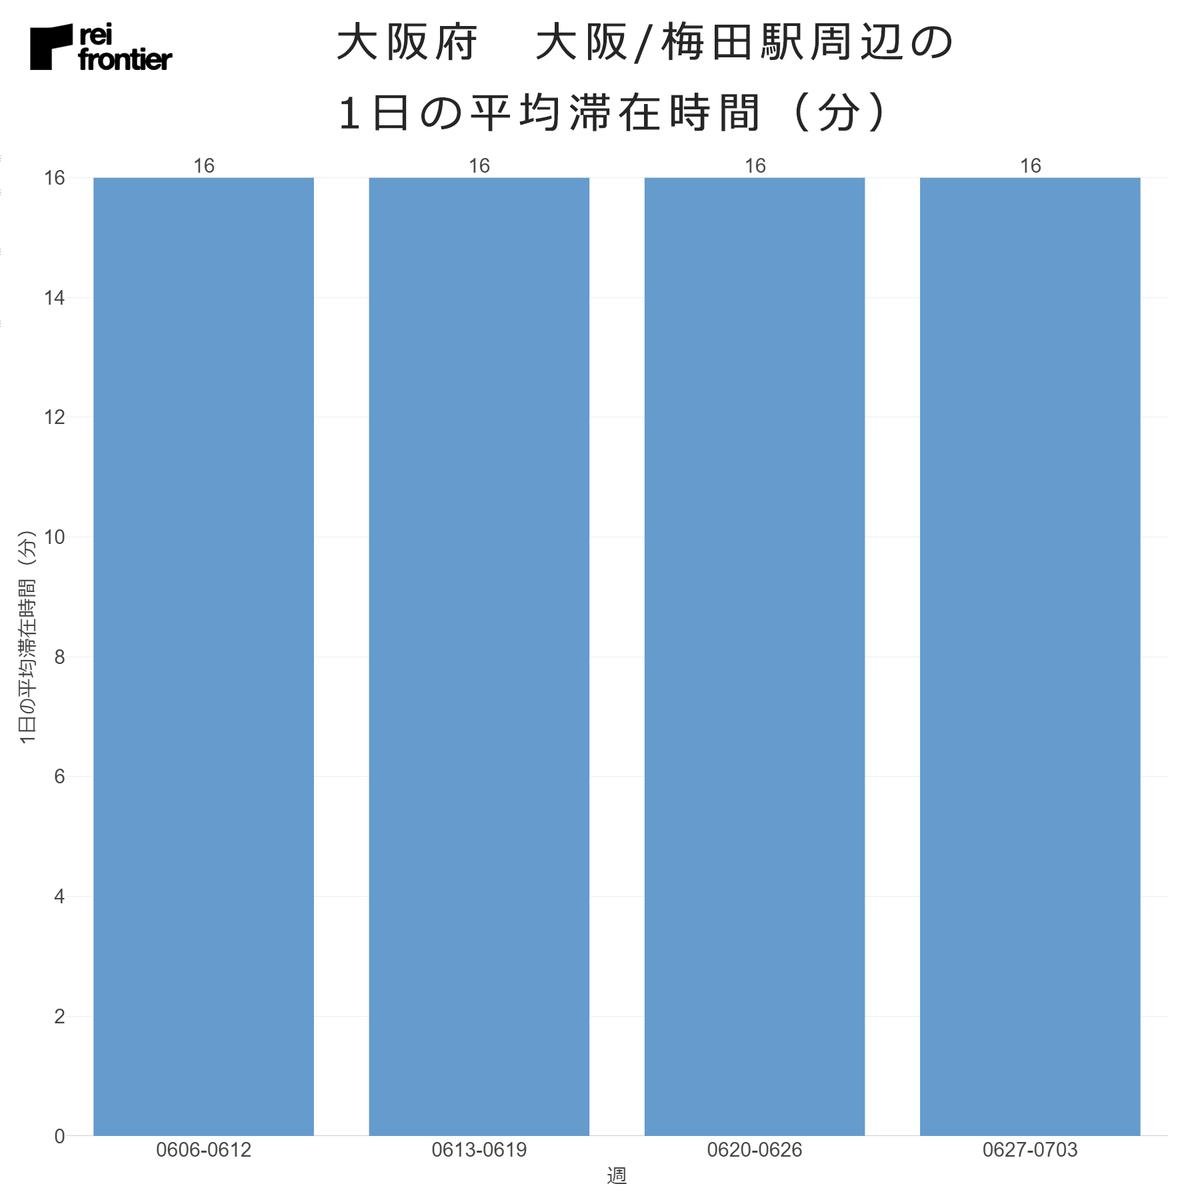 大阪/梅田駅周辺の1日の平均滞在時間